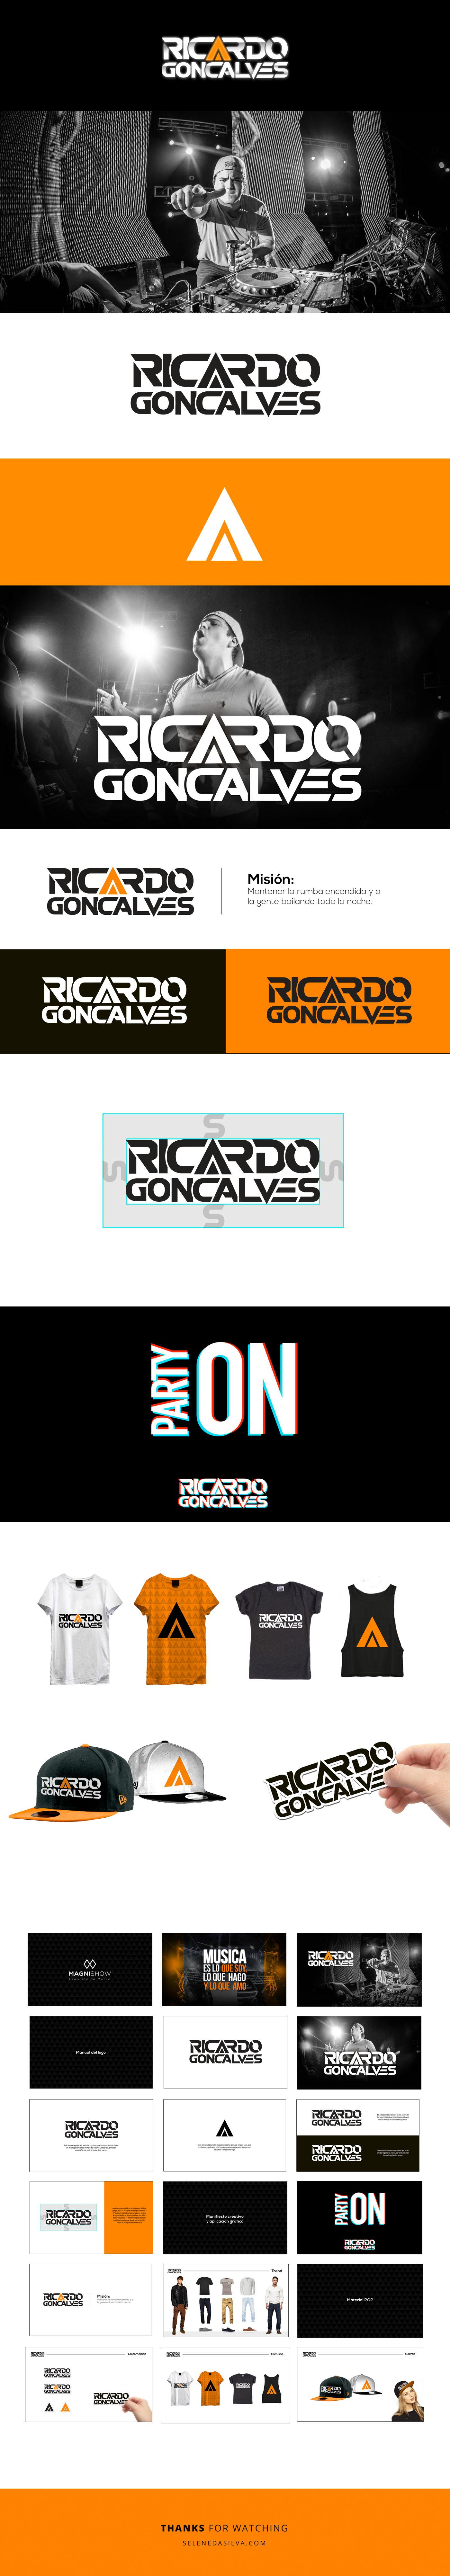 Ricardo goncalves branding